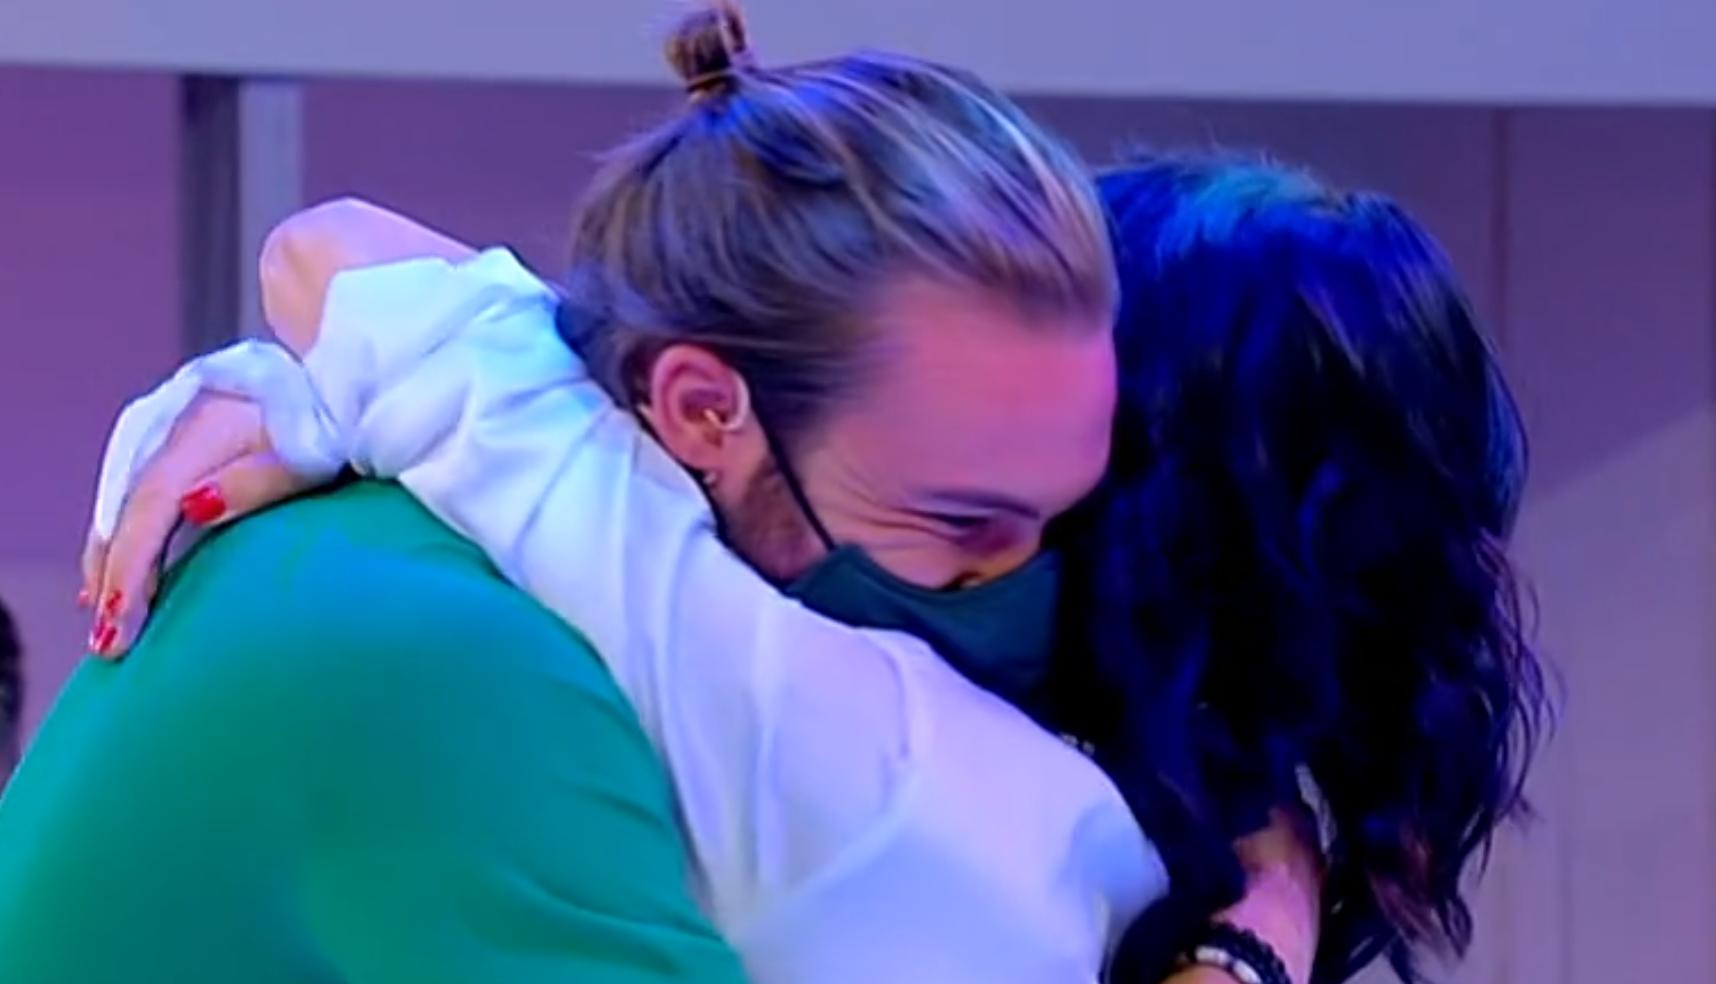 Uomini e Donne, la scelta di Jessica Antonini tra lacrime e applausi (VIDEO)